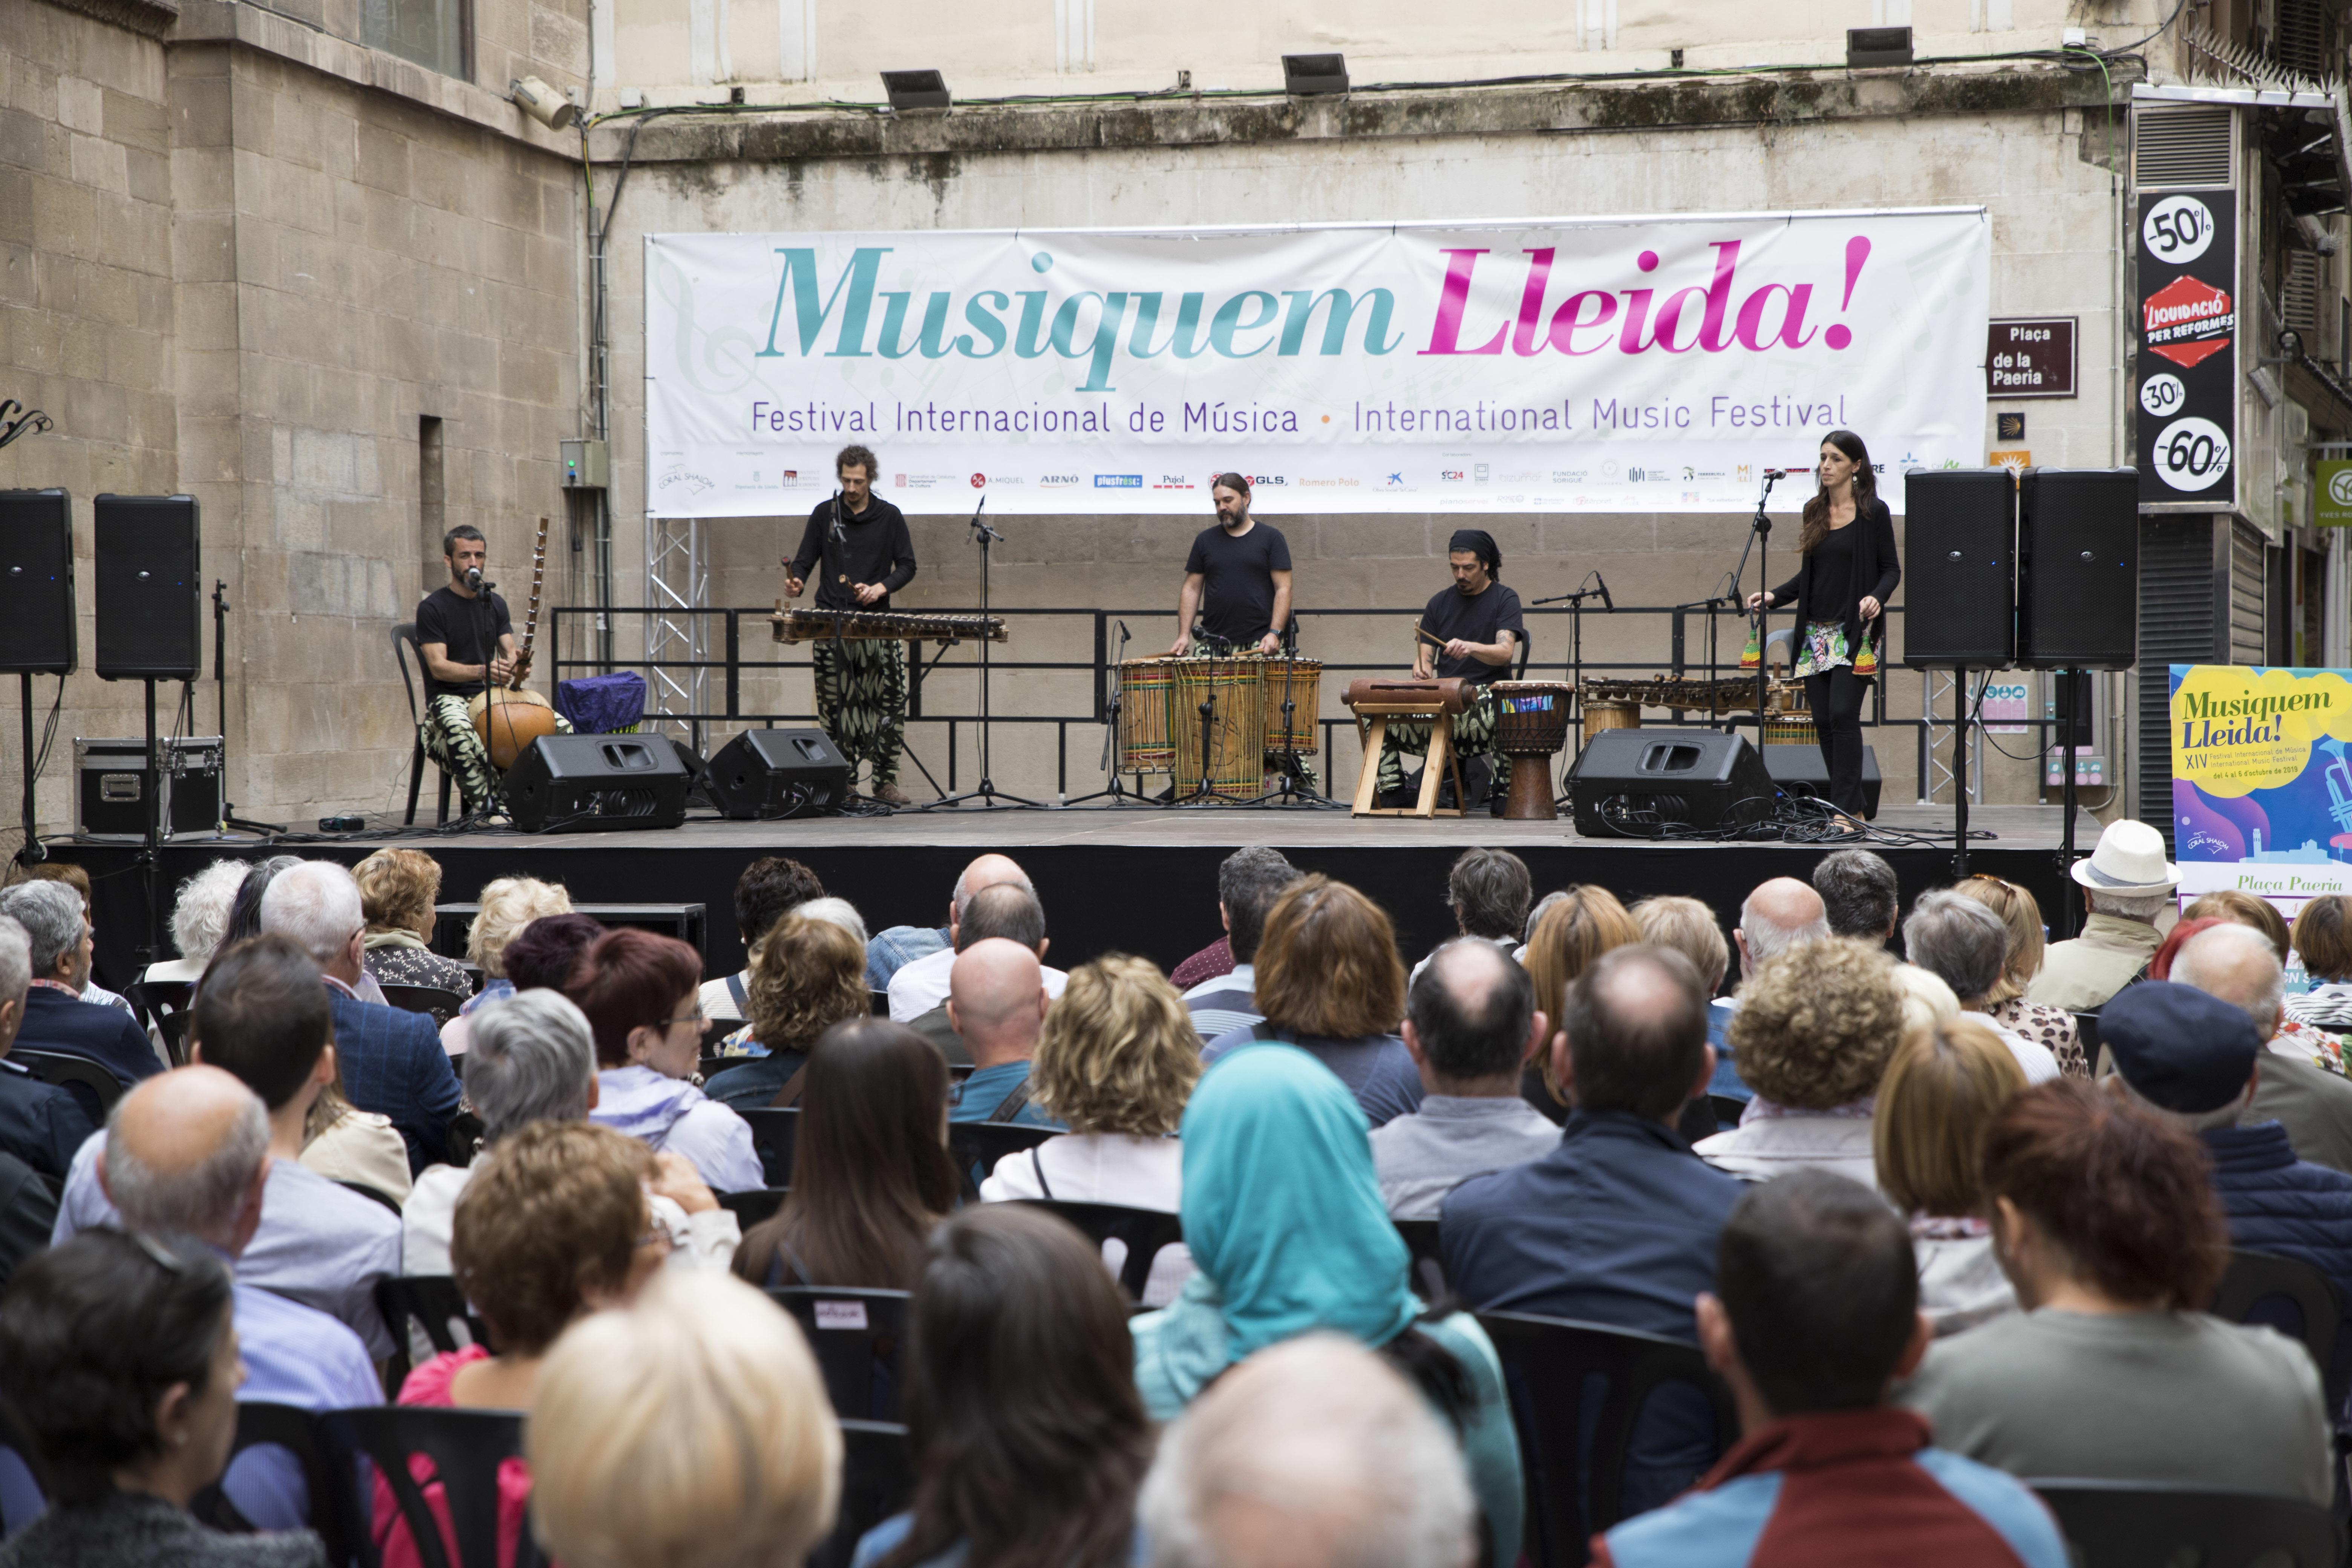 La XIV edició del Musiquem Lleida es clou amb la mirada posada en ampliar escenaris a Lleida però també a comarques